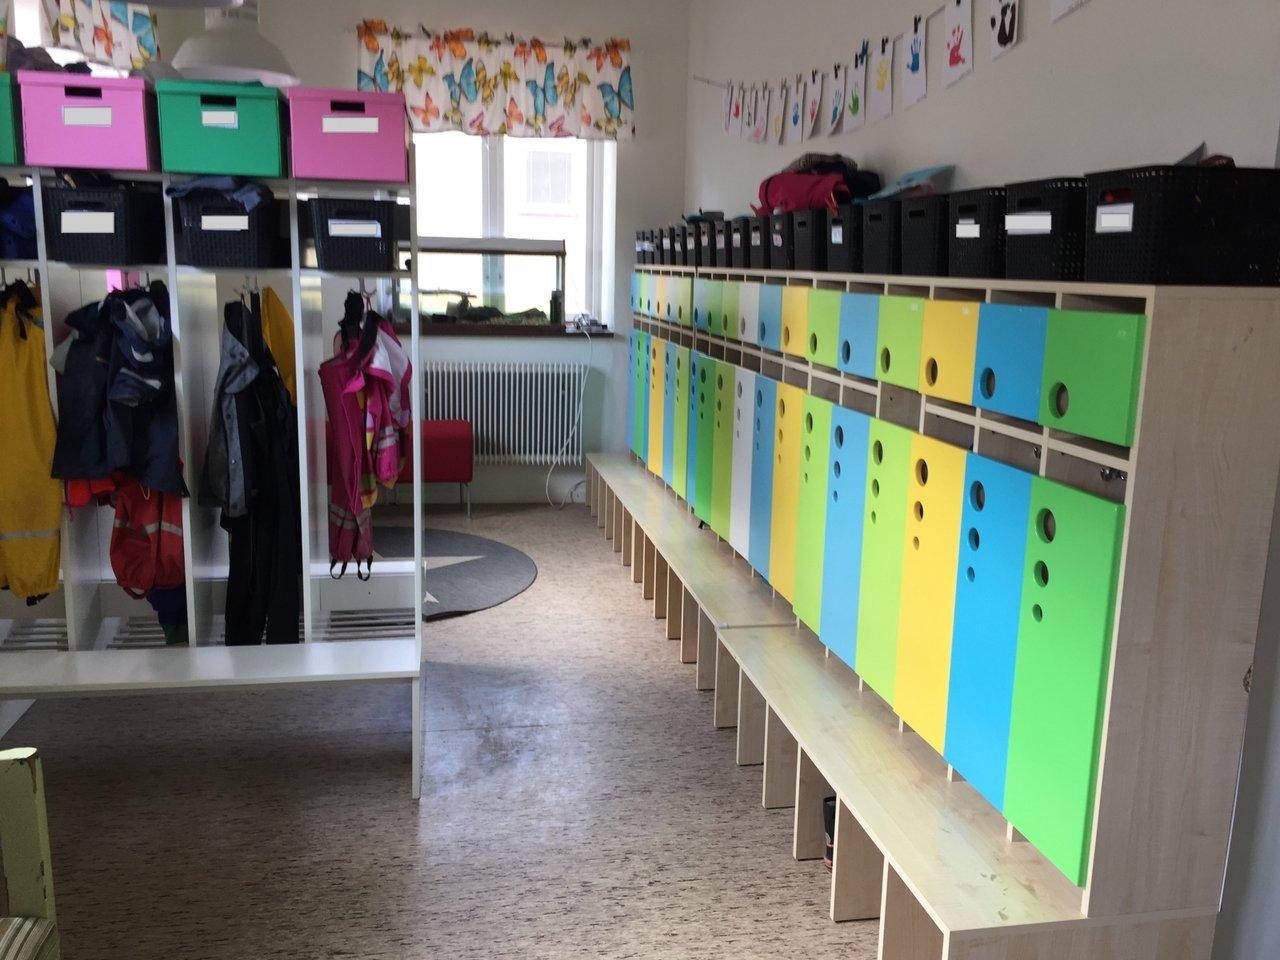 Nya fina hallmöbler! =D Polyfamiljen 3 vuxna och 8 barn